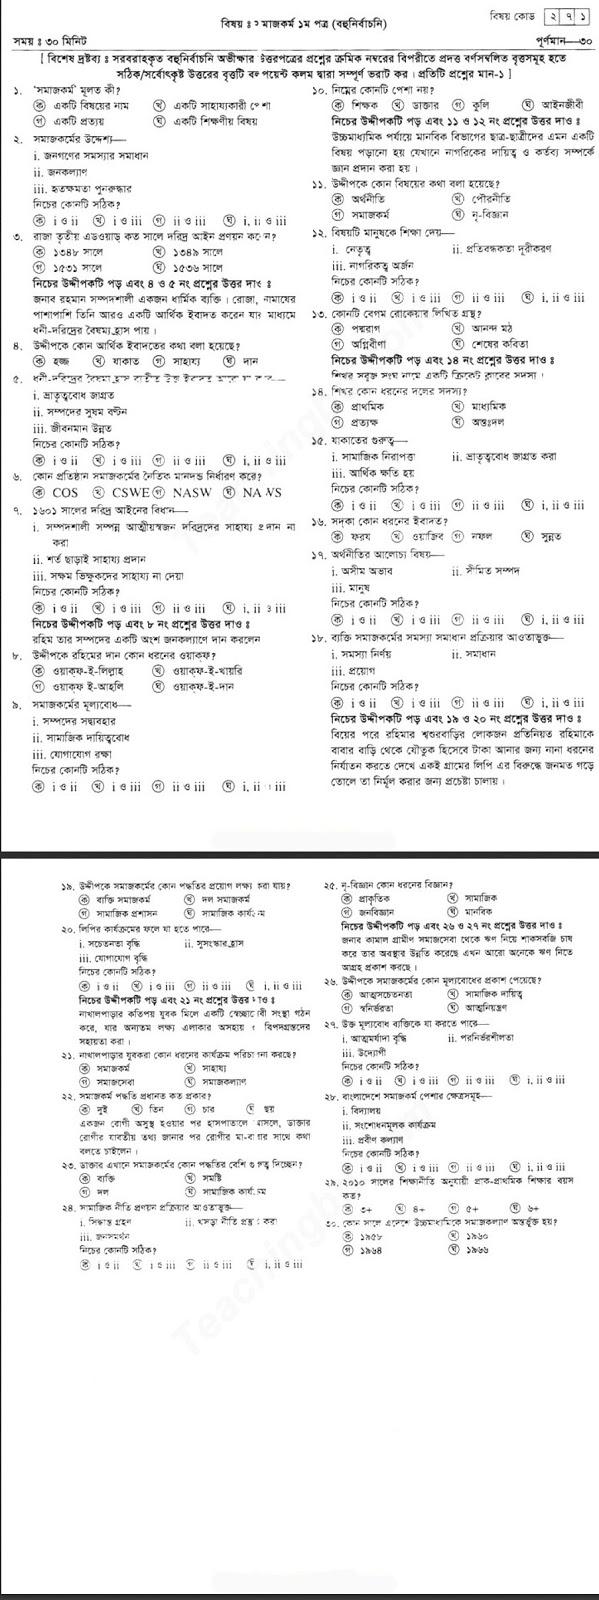 এইচ এস সি সমাজকর্ম ১ম পত্র সাজেশন ২০২০ | উচ্চ মাধ্যমিক সমাজকর্ম ১ম পত্র সাজেশন ২০২০